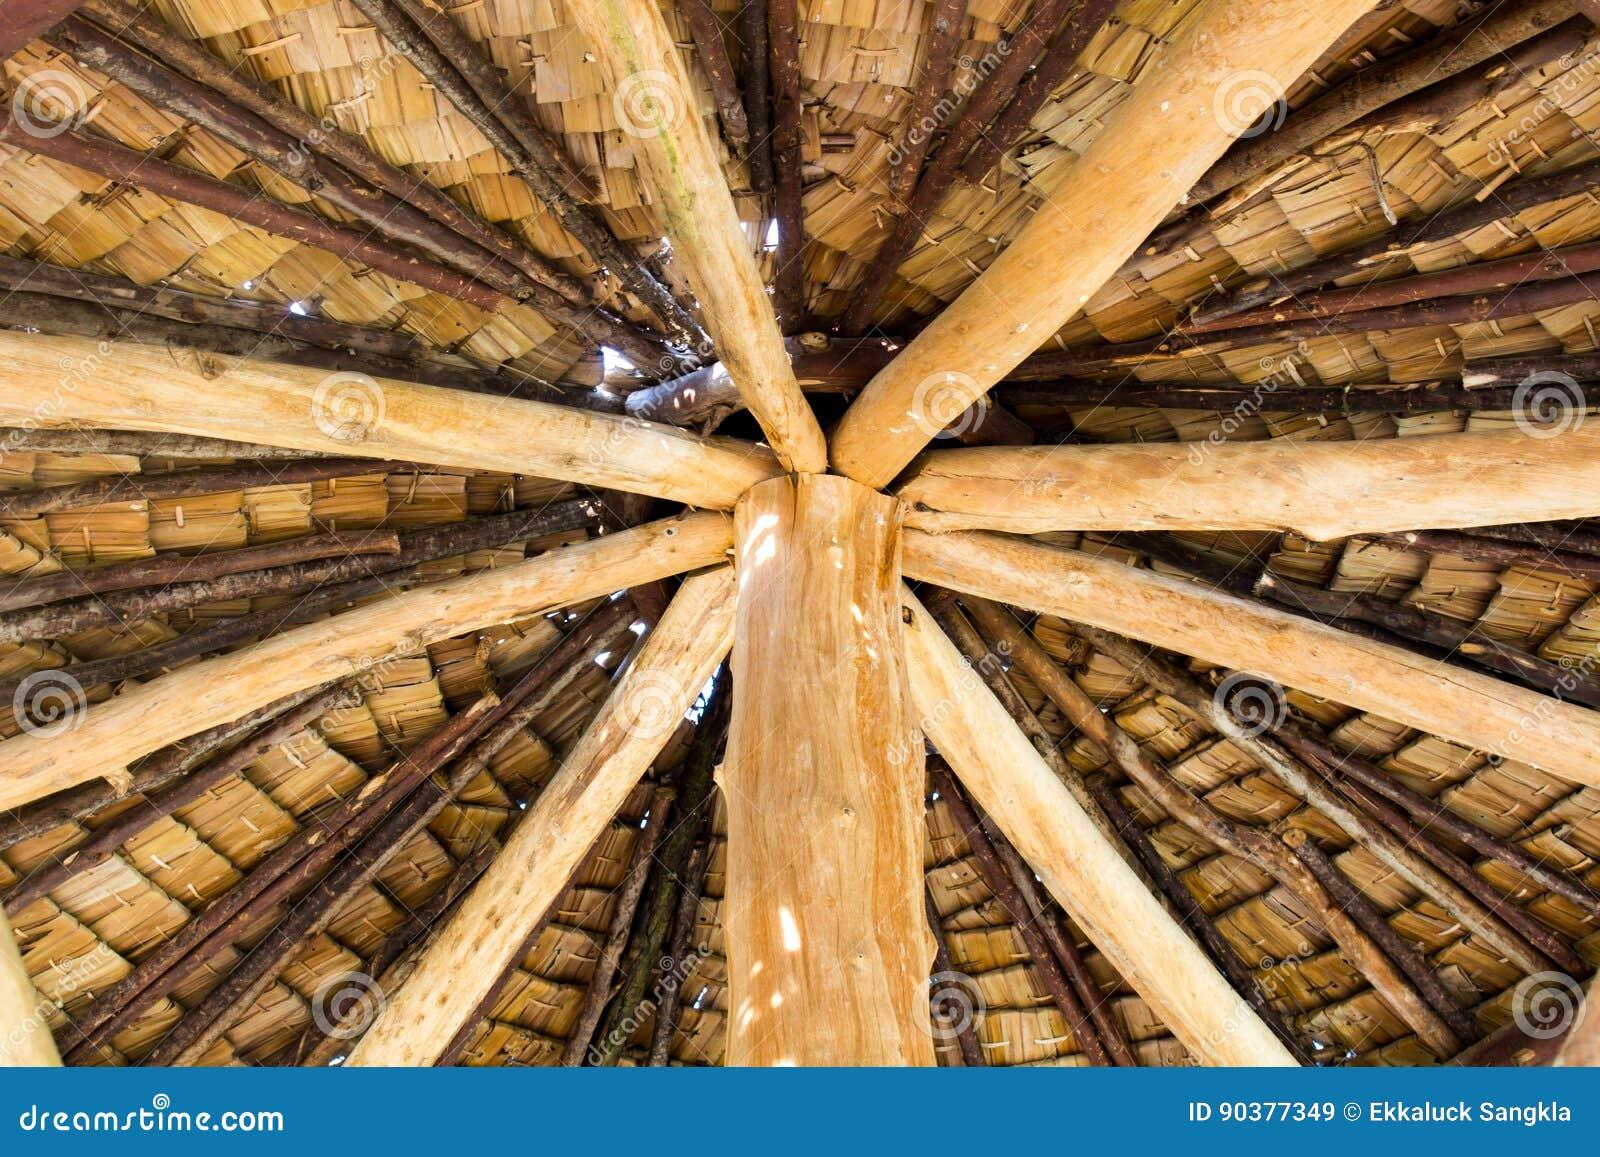 Der Hölzerne Dachrahmen, Schindeln, Dachrahmen Stockbild - Bild von ...